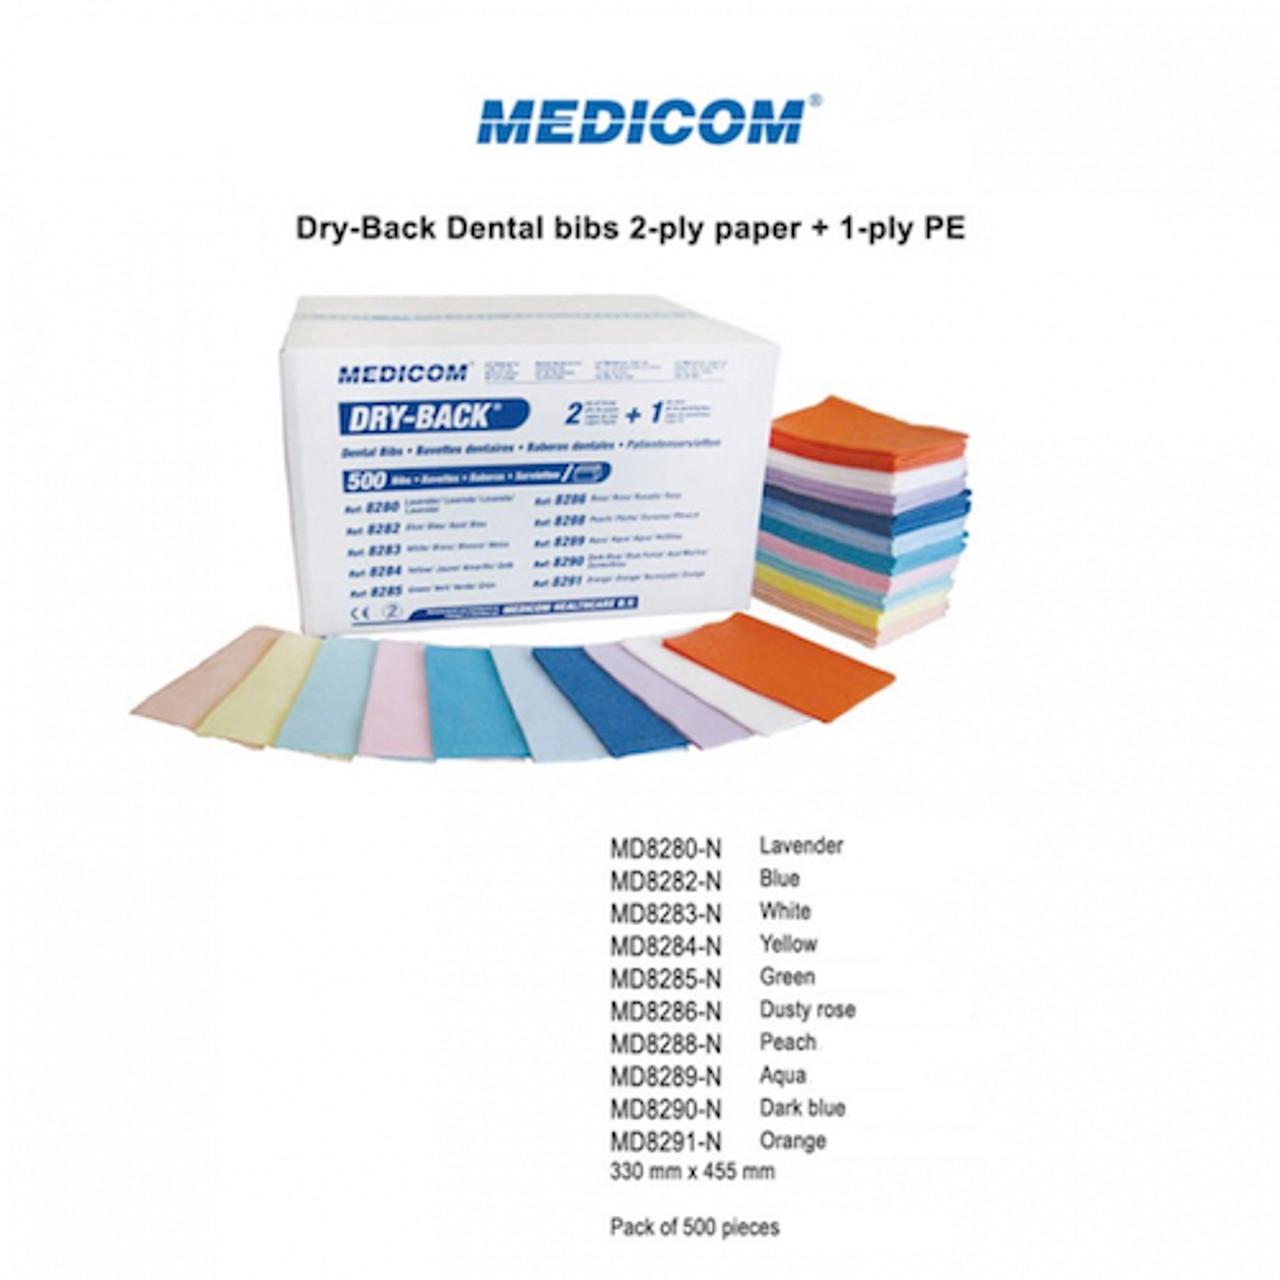 Medicom Dry-Back Dental Bibs Dark Blue 500 bibs/ctn